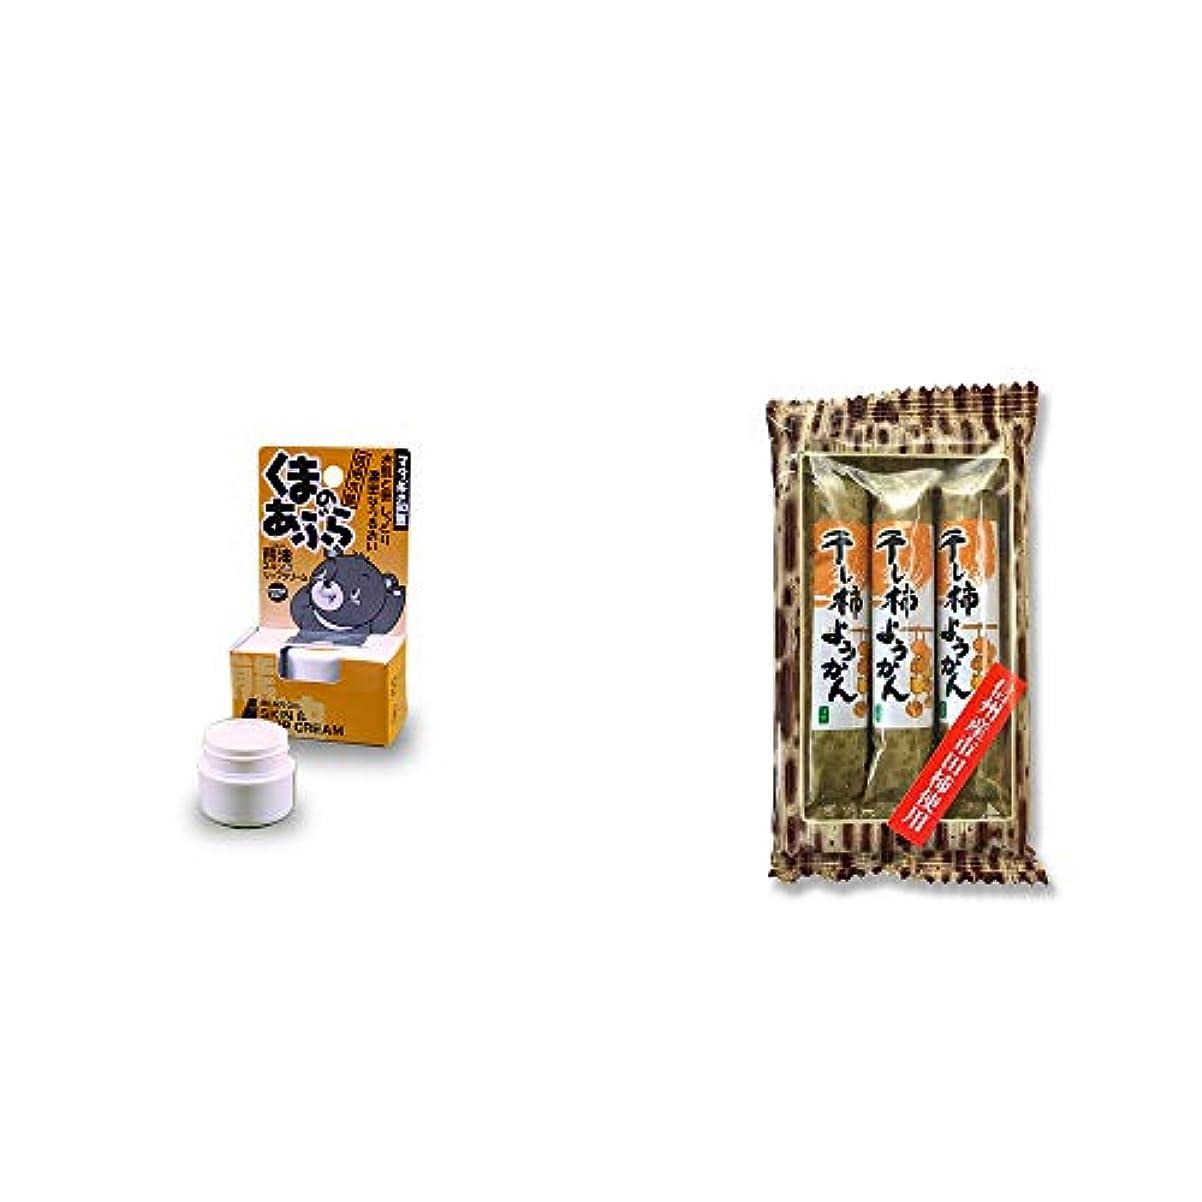 病者発生器電子[2点セット] 信州木曽 くまのあぶら 熊油スキン&リップクリーム(9g)?信州産市田柿使用 スティックようかん[柿](50g×3本)